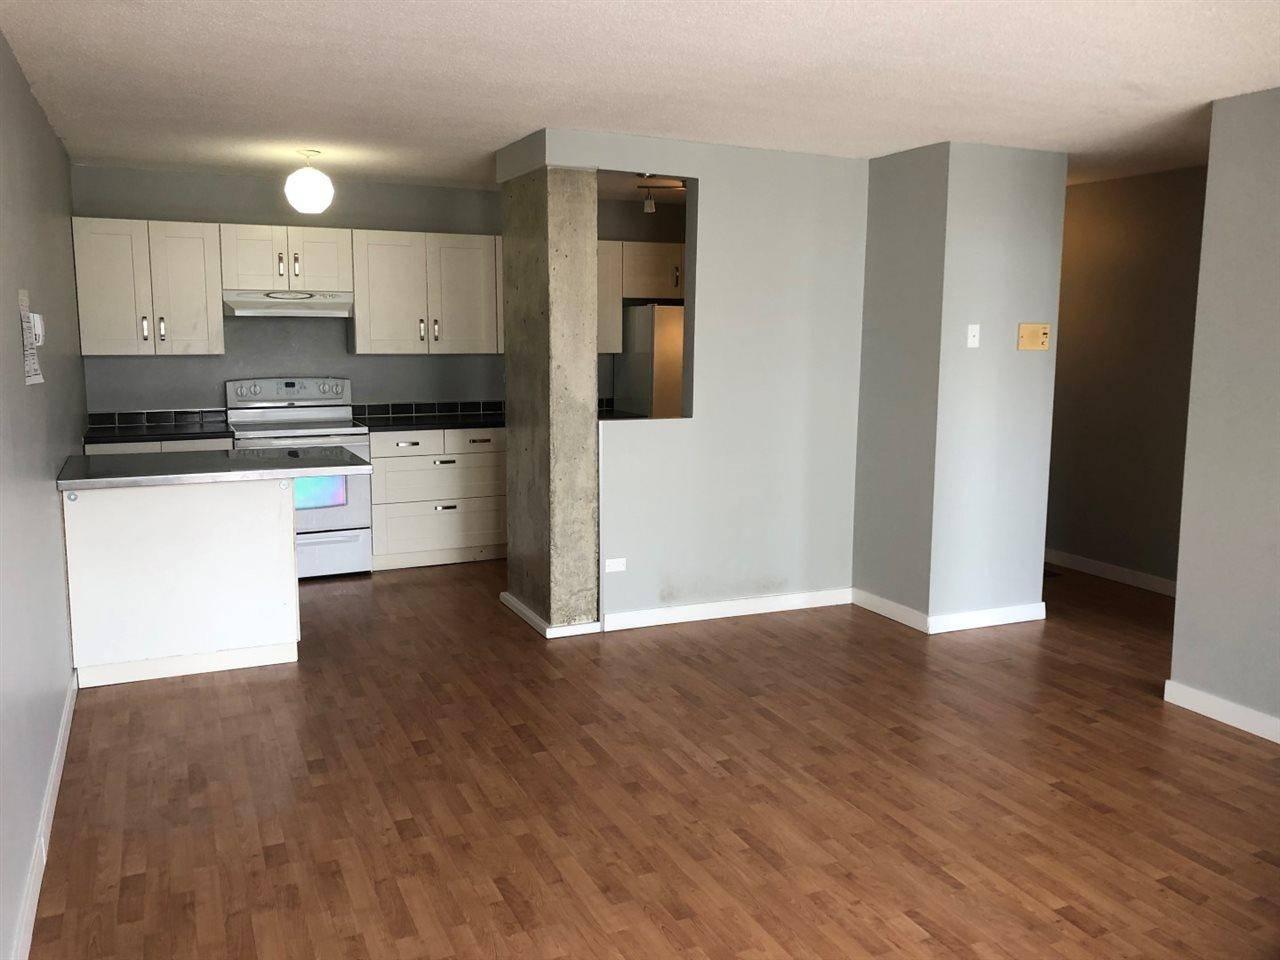 Condo for sale at 9930 113 St Nw Unit 204 Edmonton Alberta - MLS: E4192187